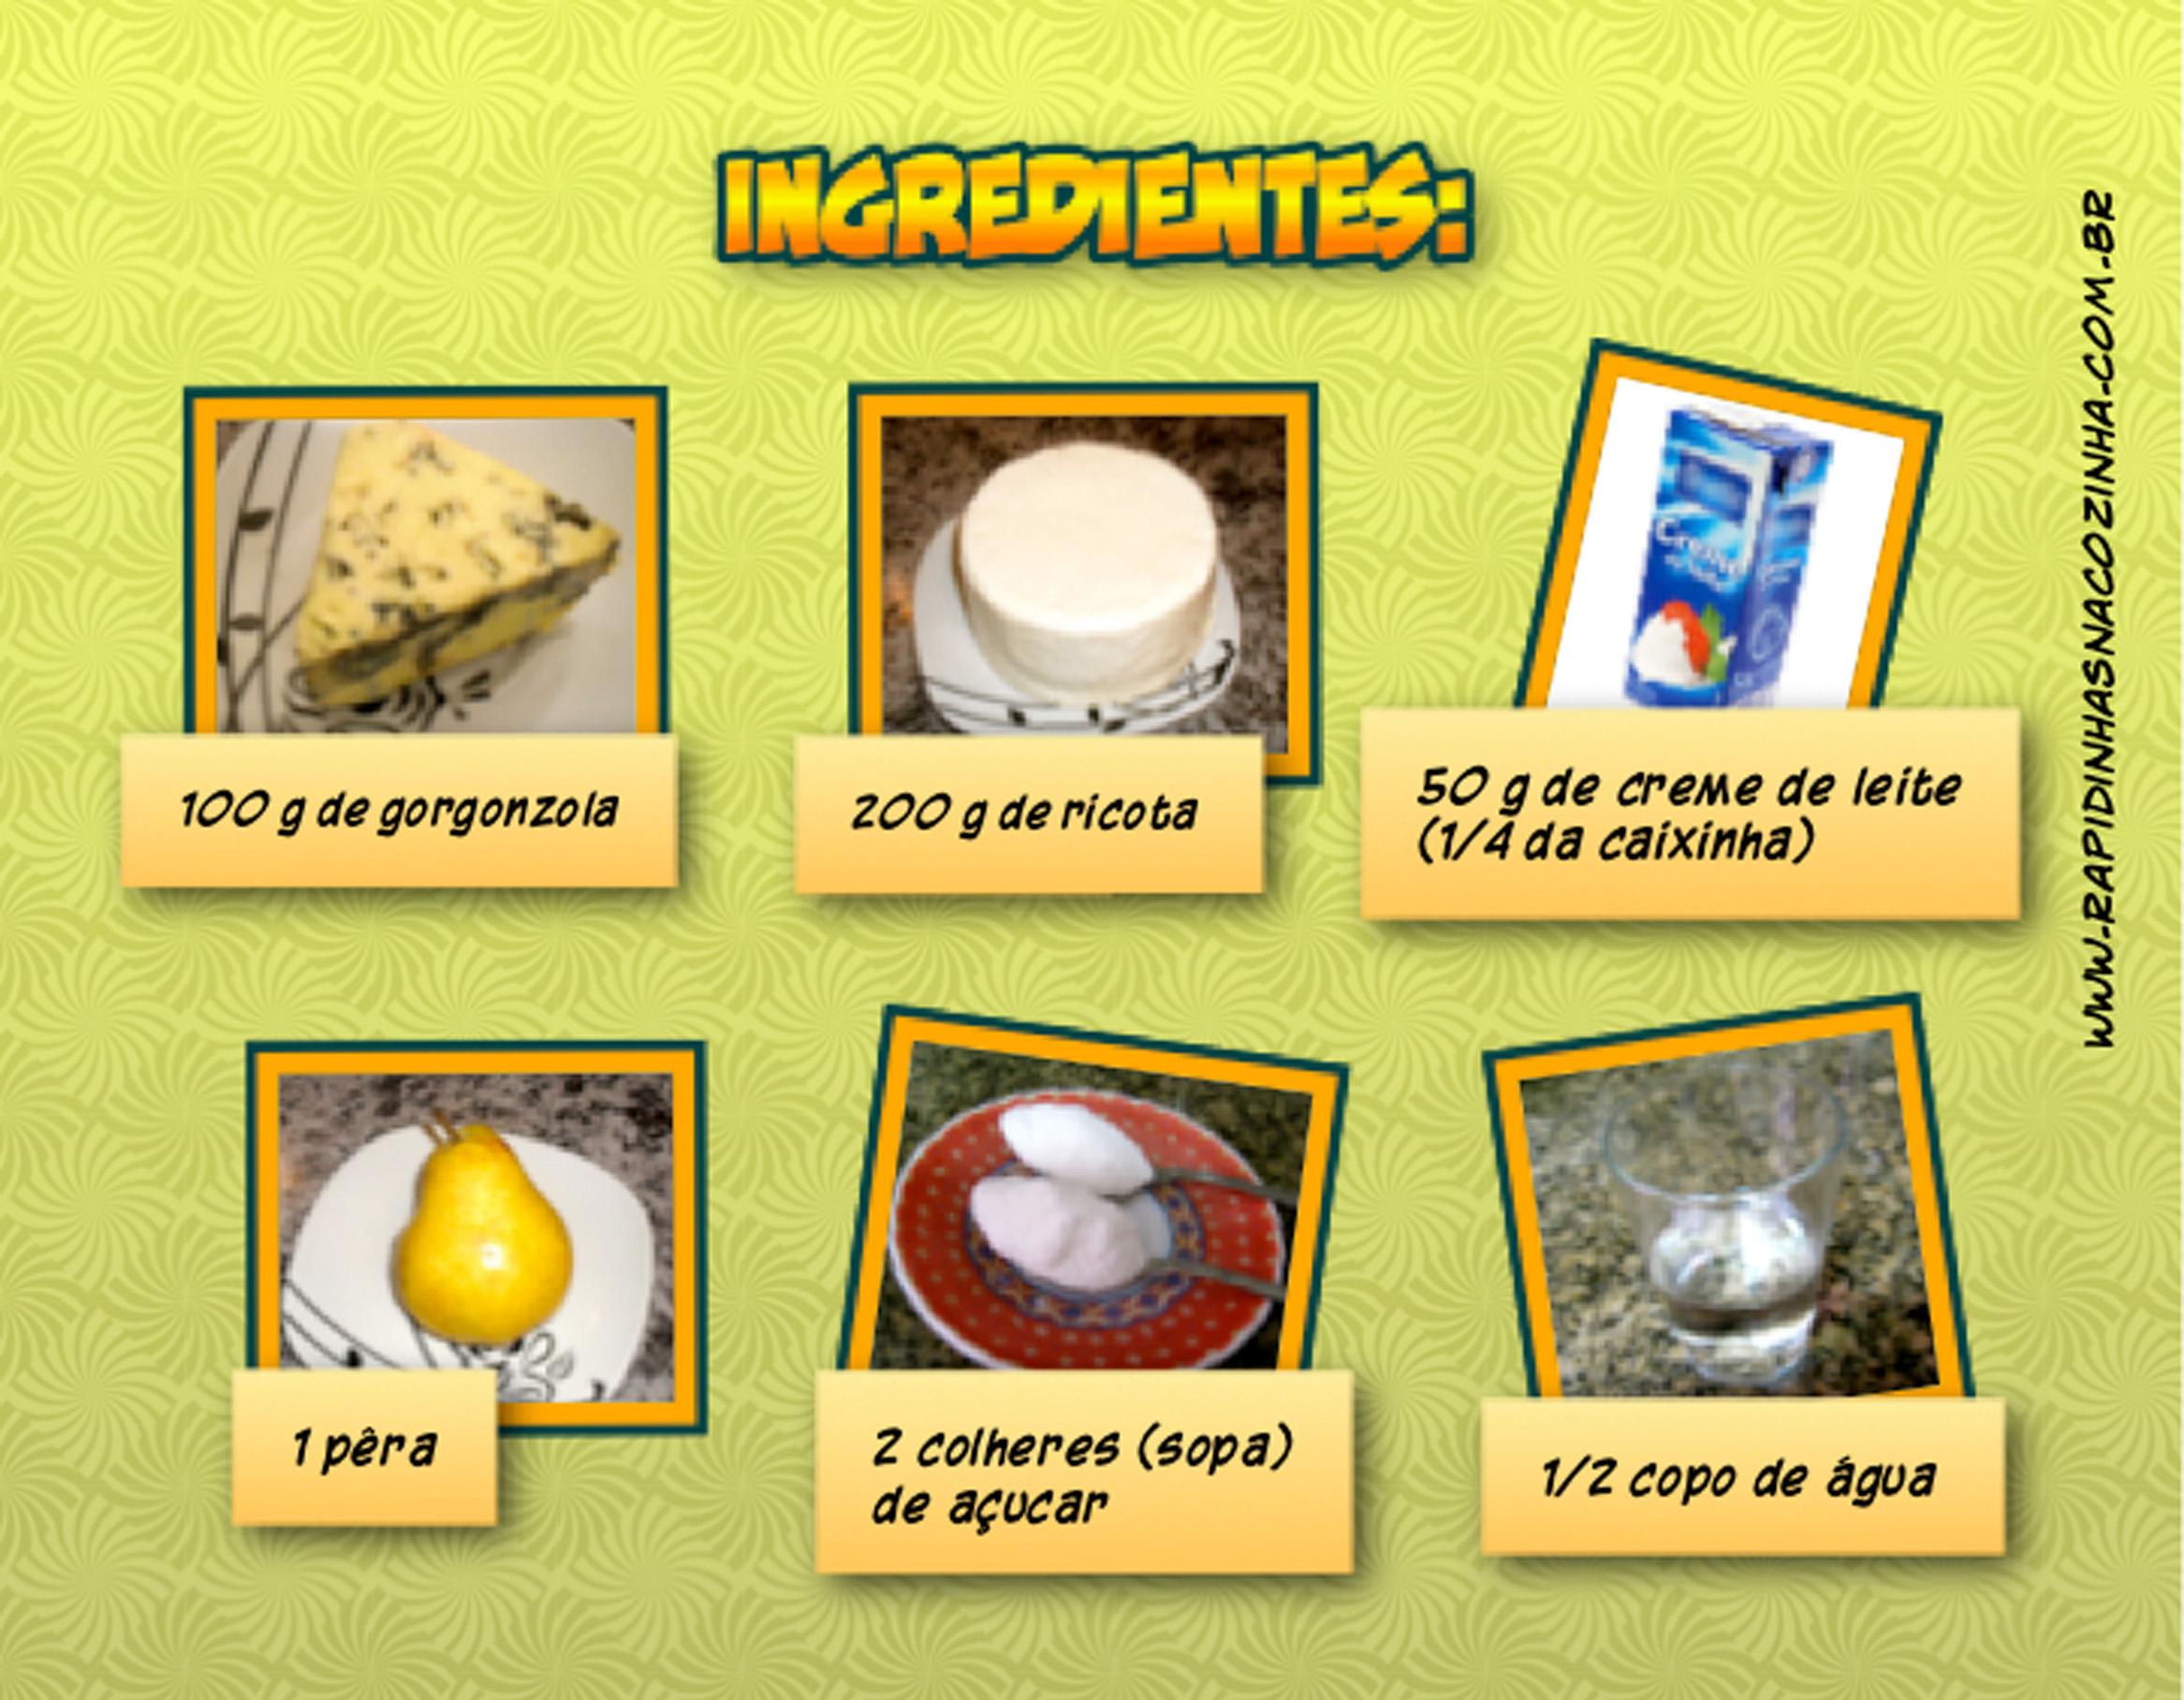 Como fazer pasta de gorgonzola com pêra - ingredientes